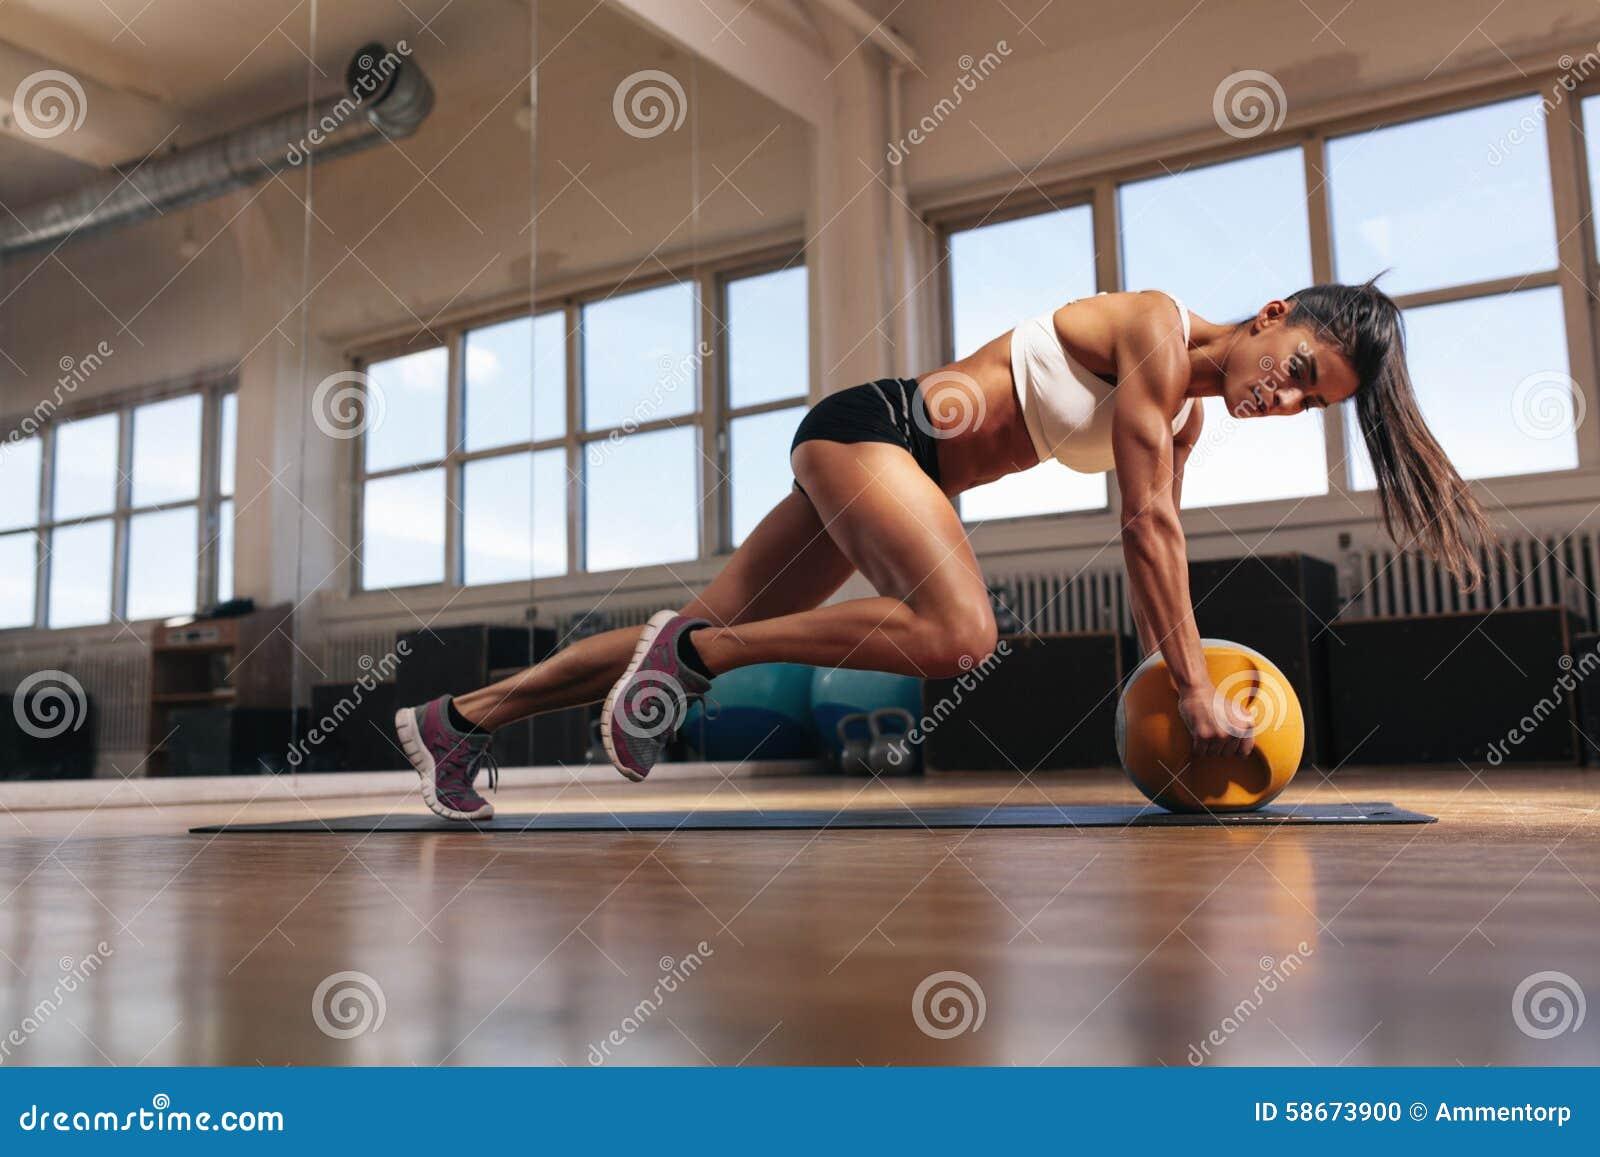 Femme musculaire faisant la séance d entraînement intense de noyau